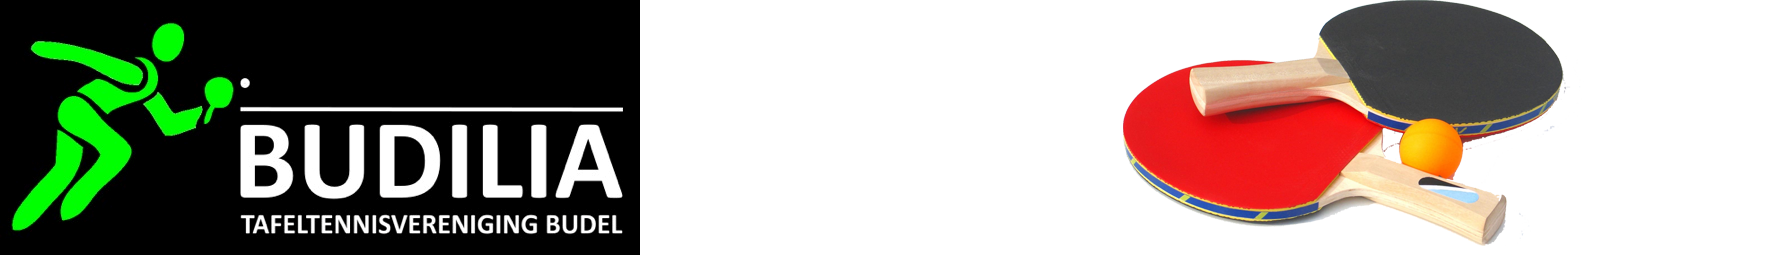 Budilia